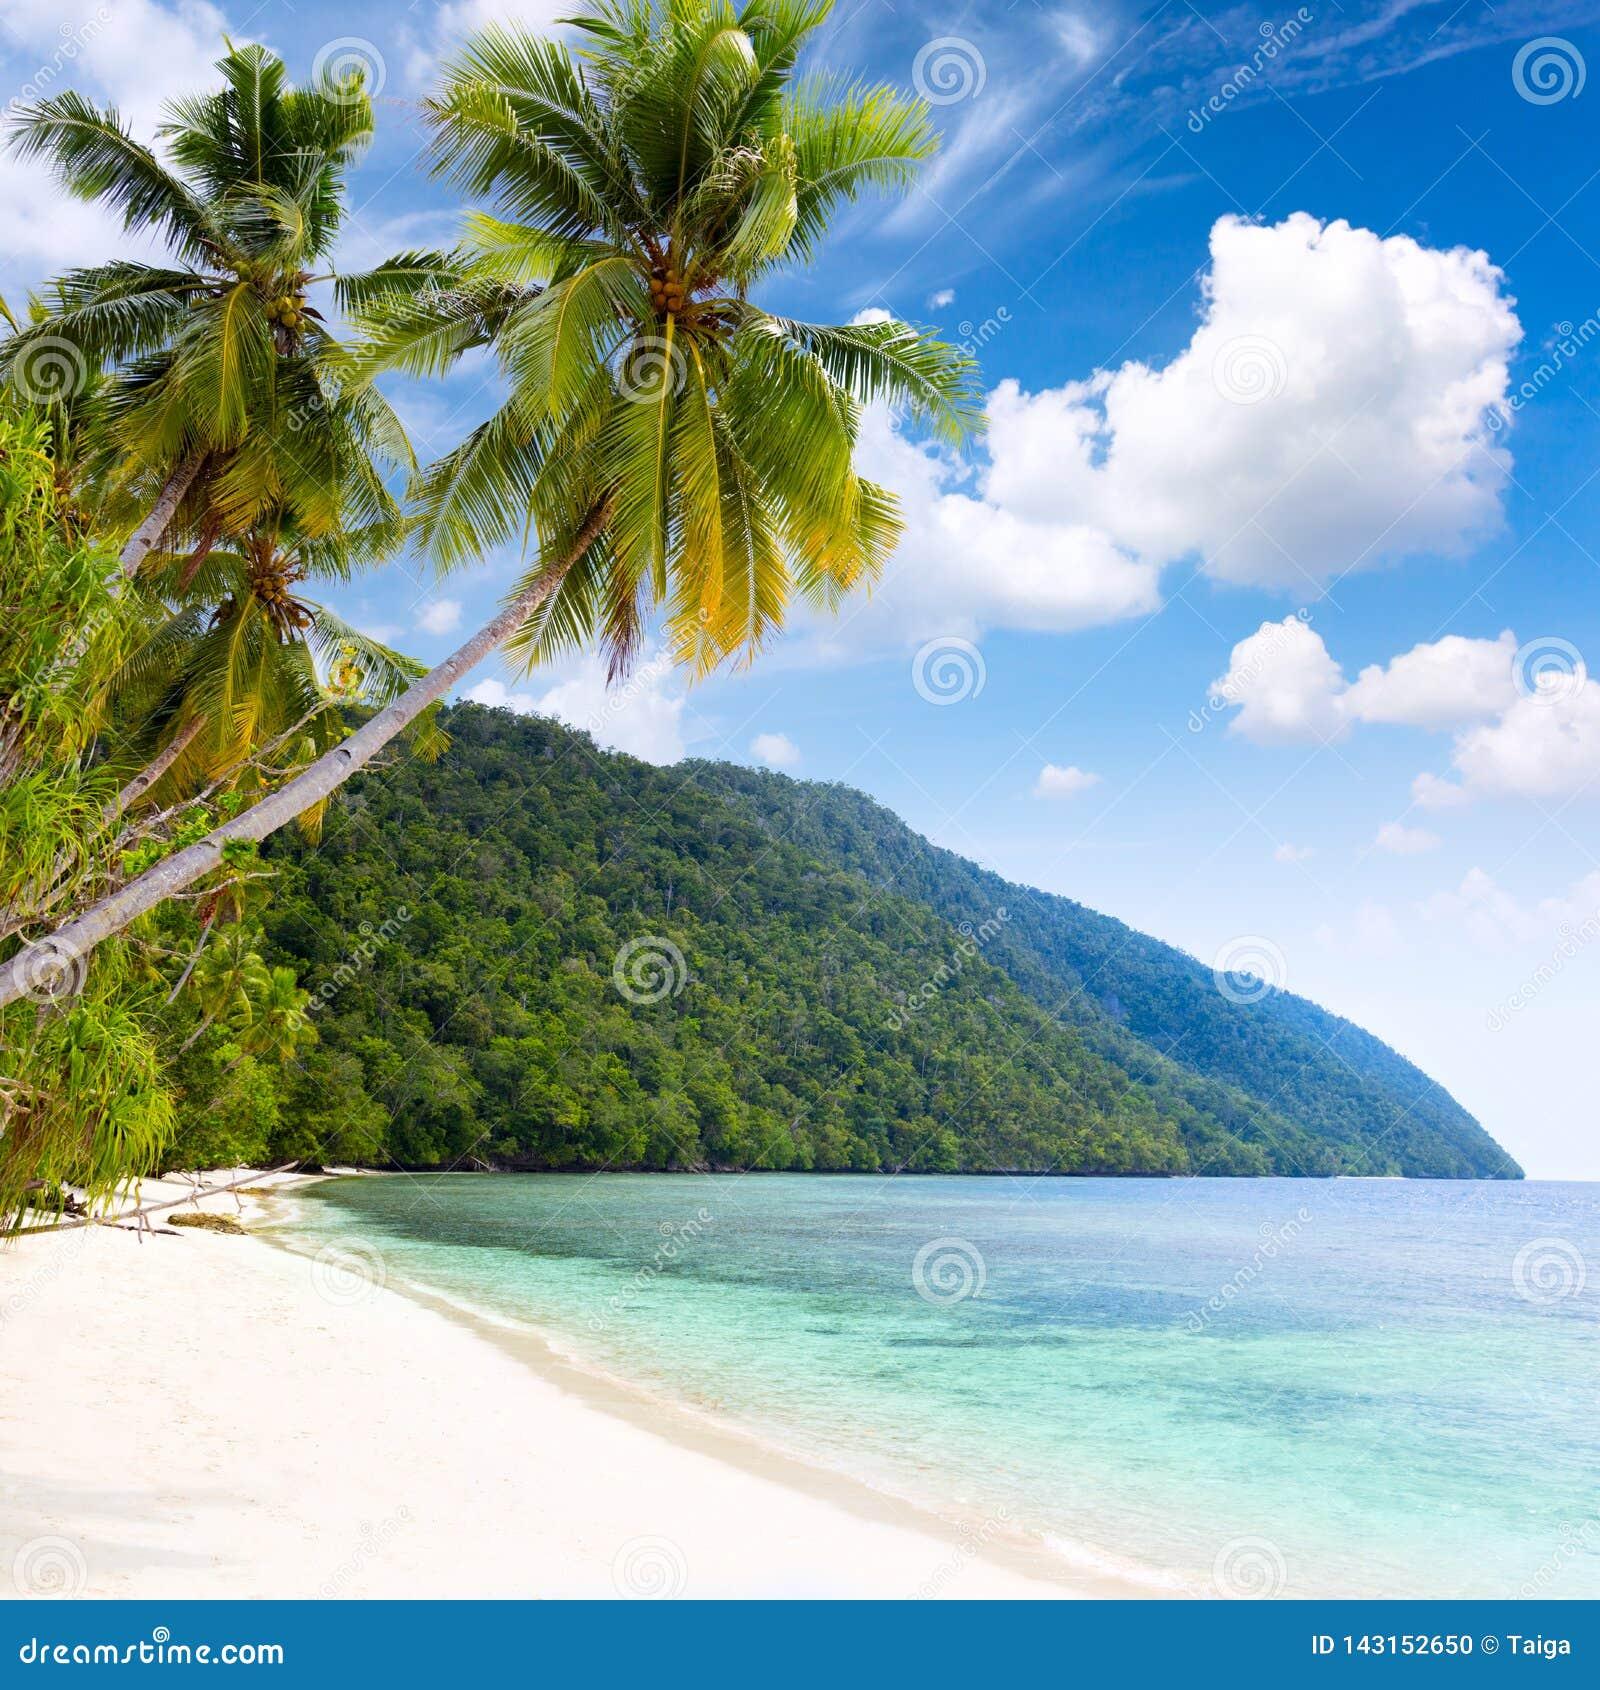 Praia tropical da ilha de Idillyc - mar morno, palmeiras, céu azul